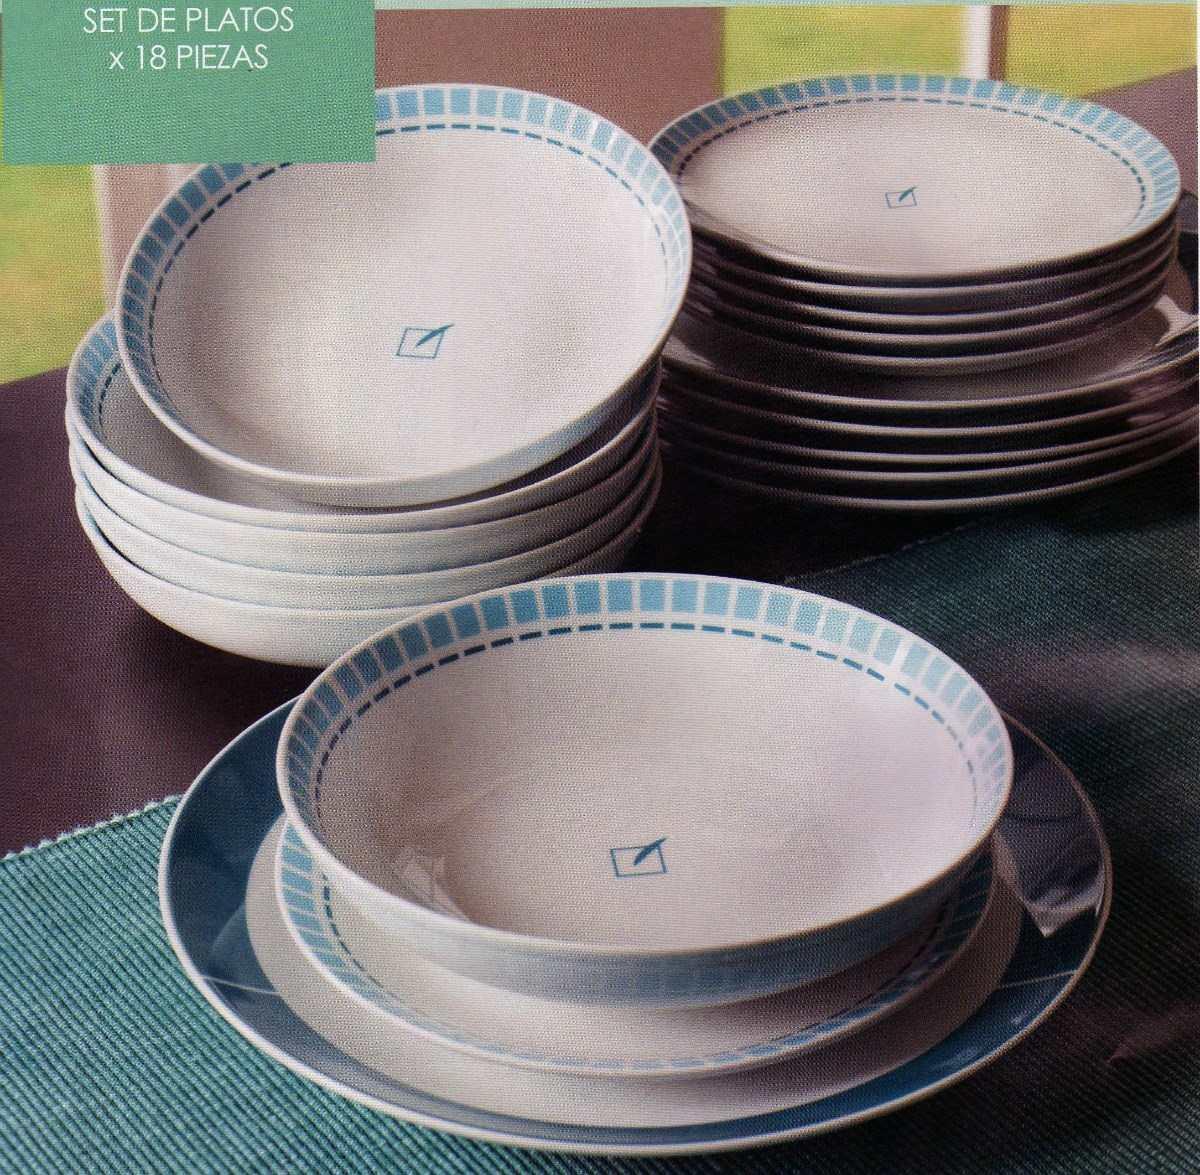 Set de vajilla 18 platos de unique nuevo s s for Set de platos